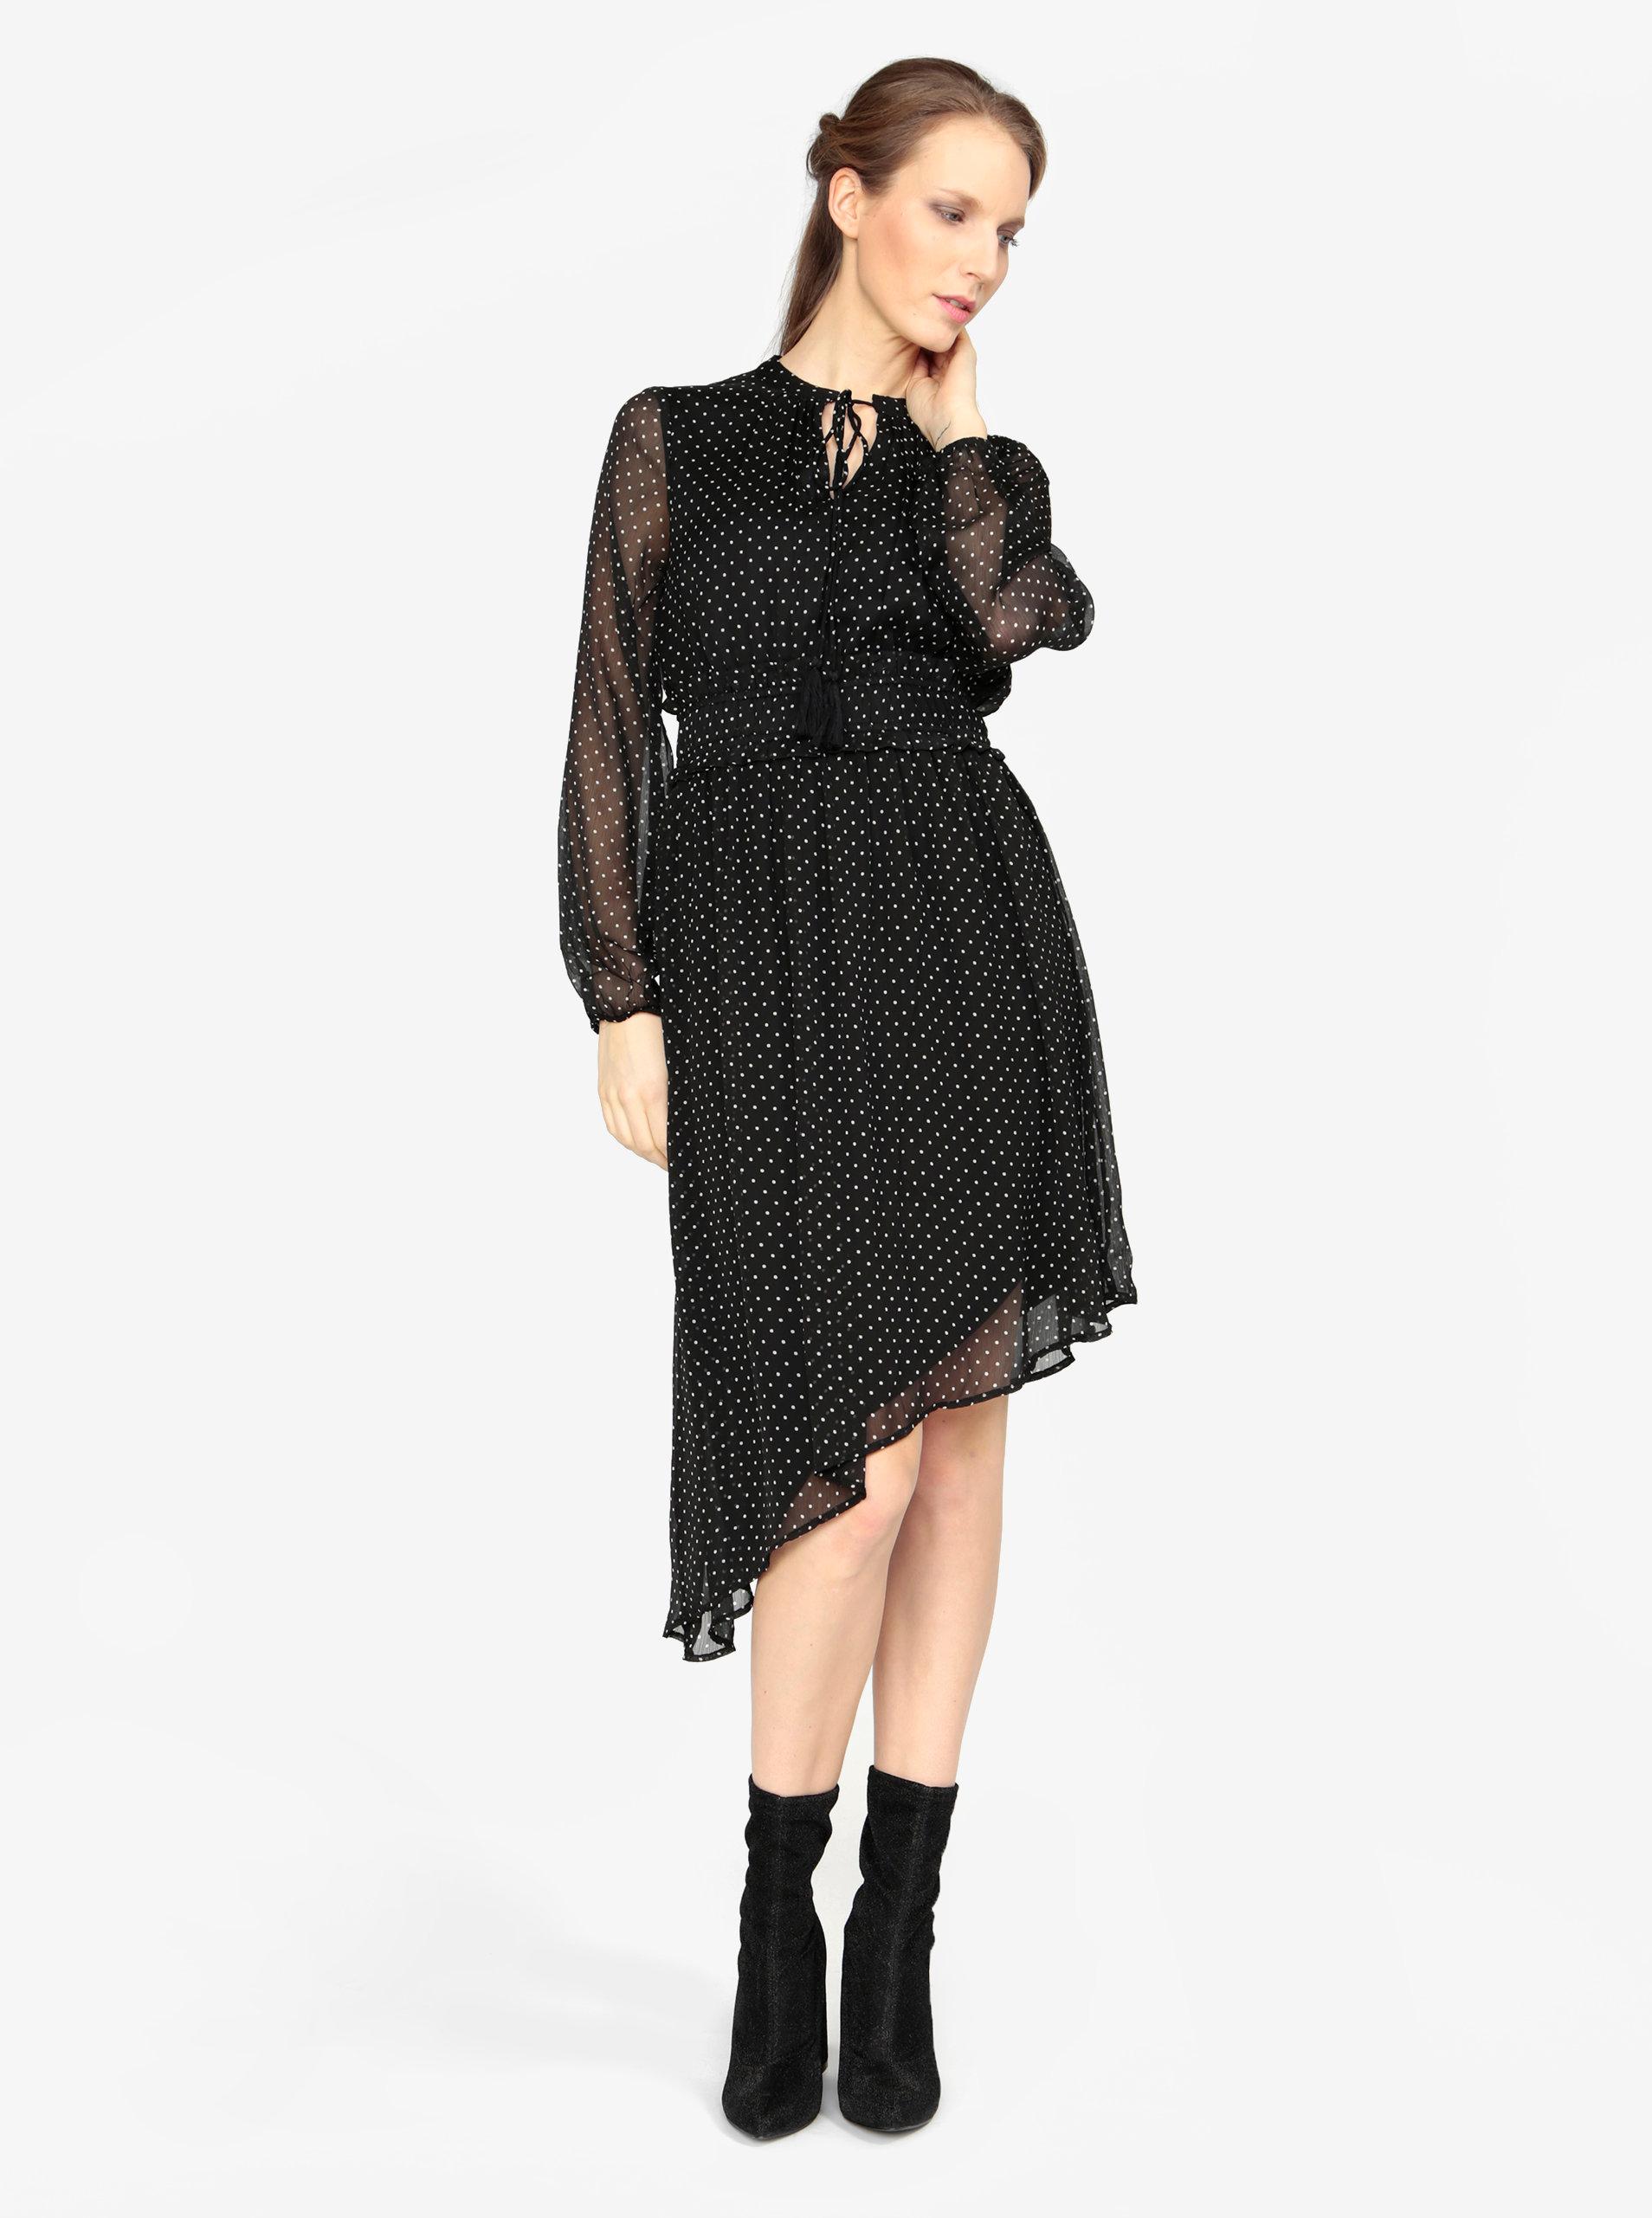 49a4c75195d8 Čierne asymetrické šaty s dlhým rukávom VERO MODA Lotta ...